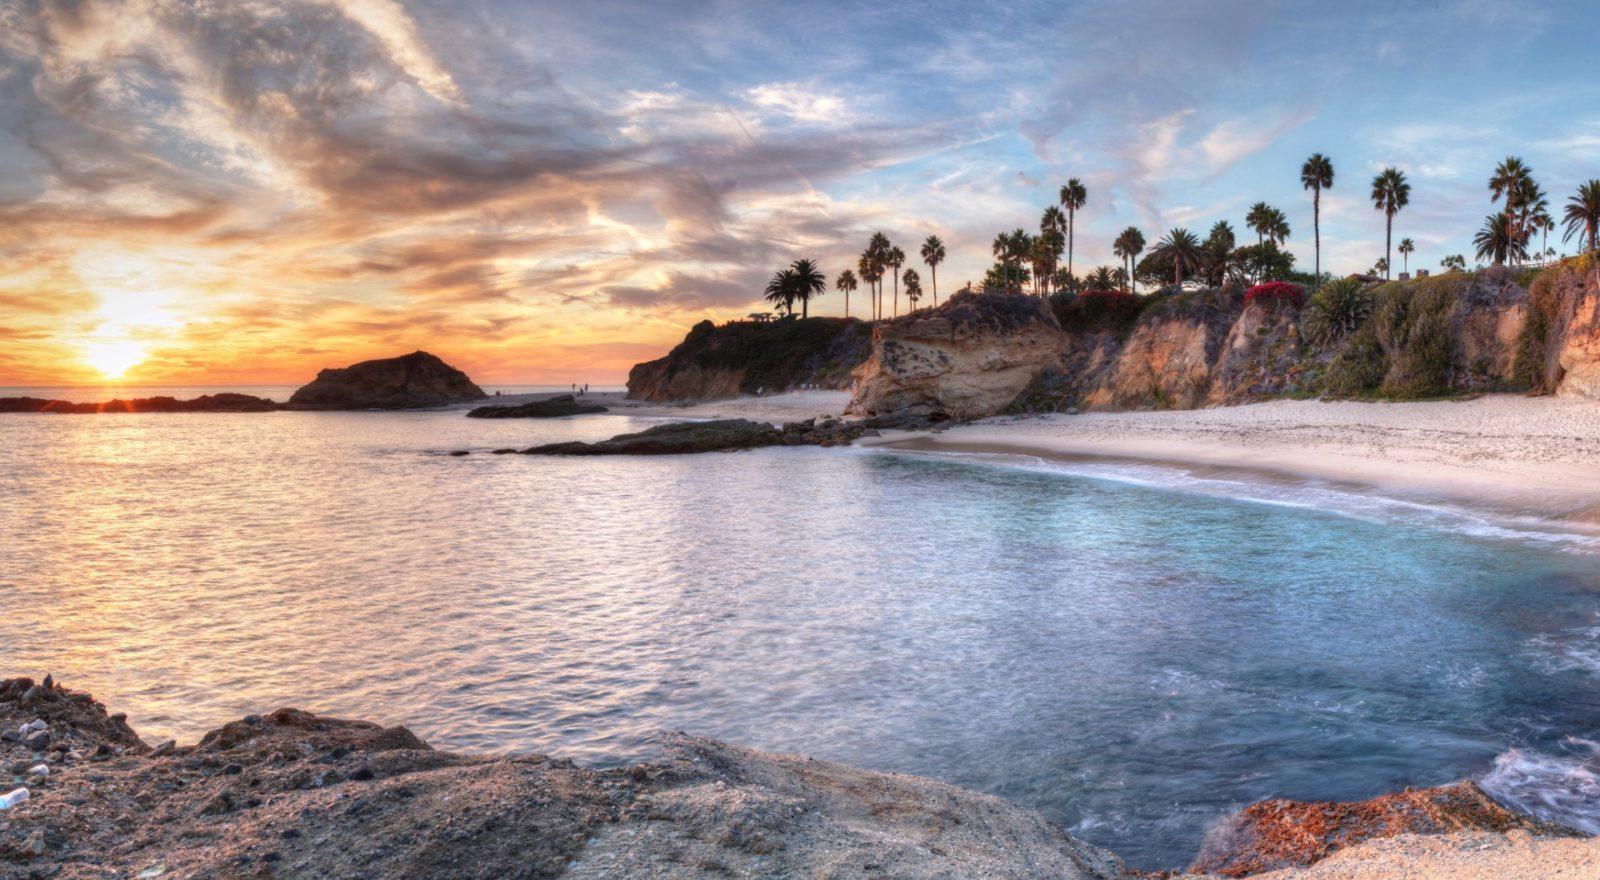 Treasure Island sunset view